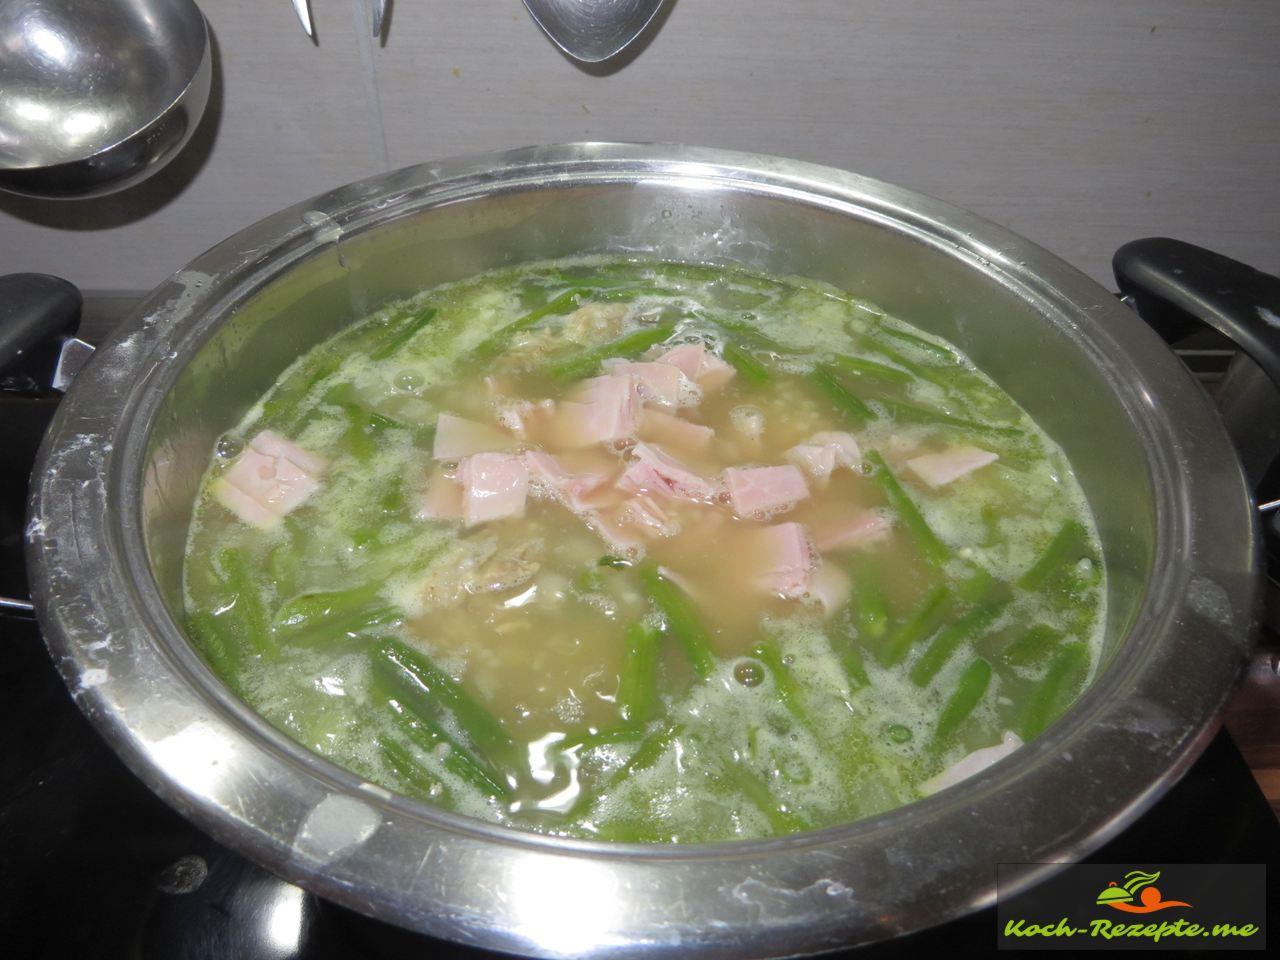 gekochten Schinken unterheben und mit der Graupensuppe ziehen lassen